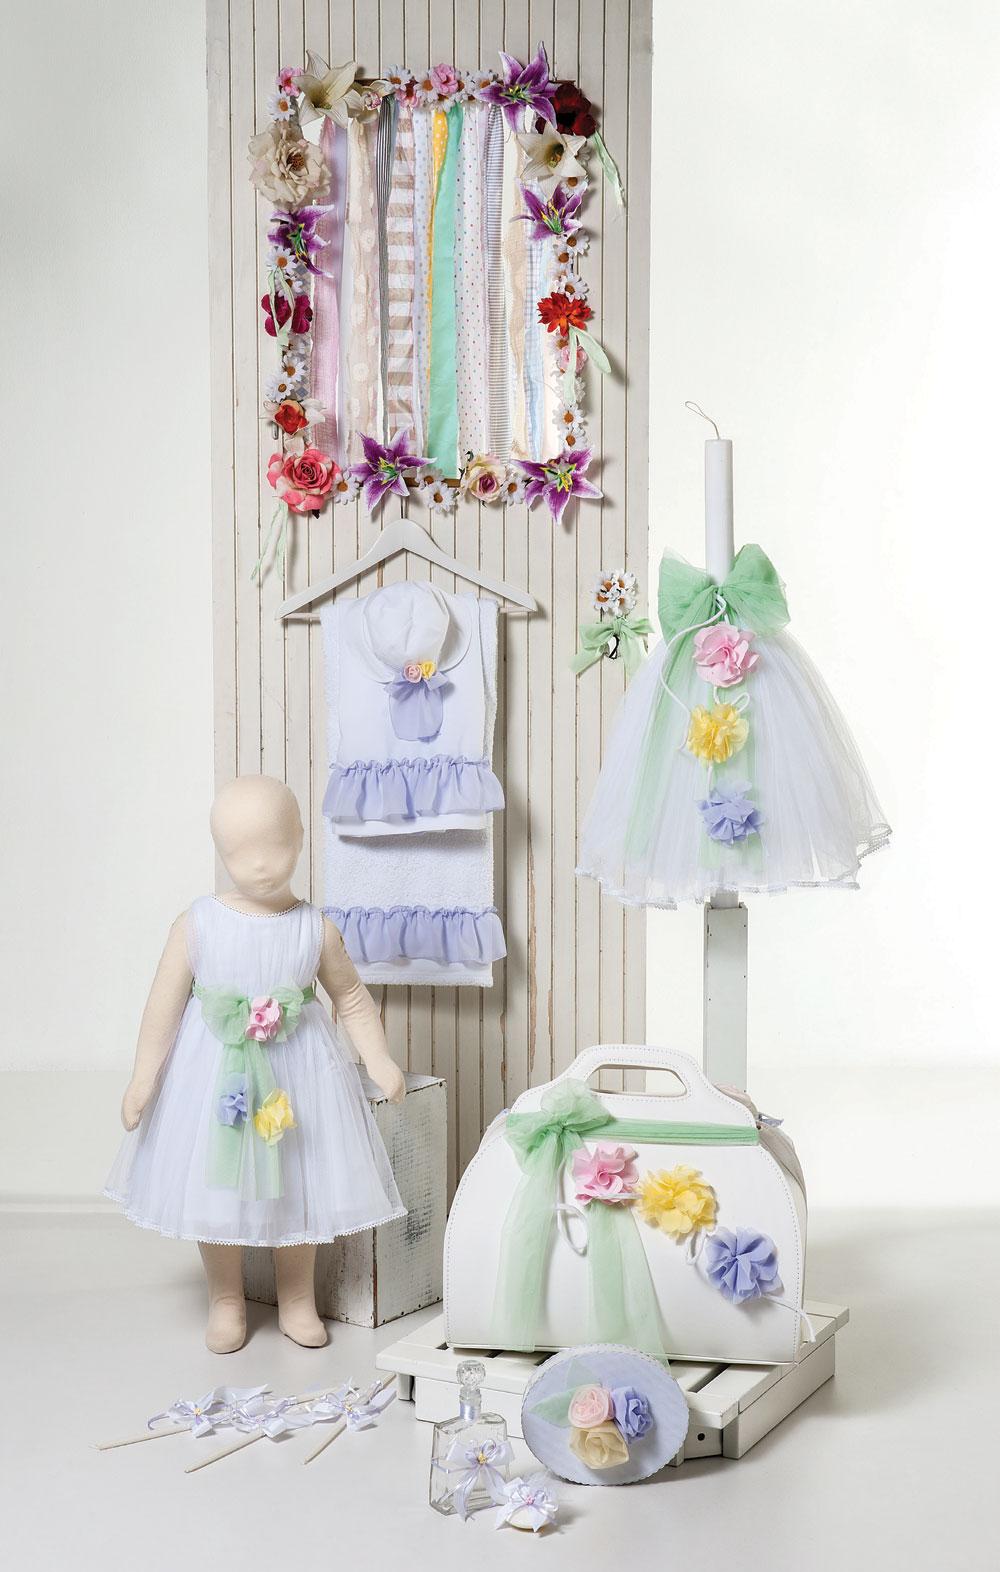 φόρεμα από βαμβακερό τούλι με πολύχρωμα λουλούδια